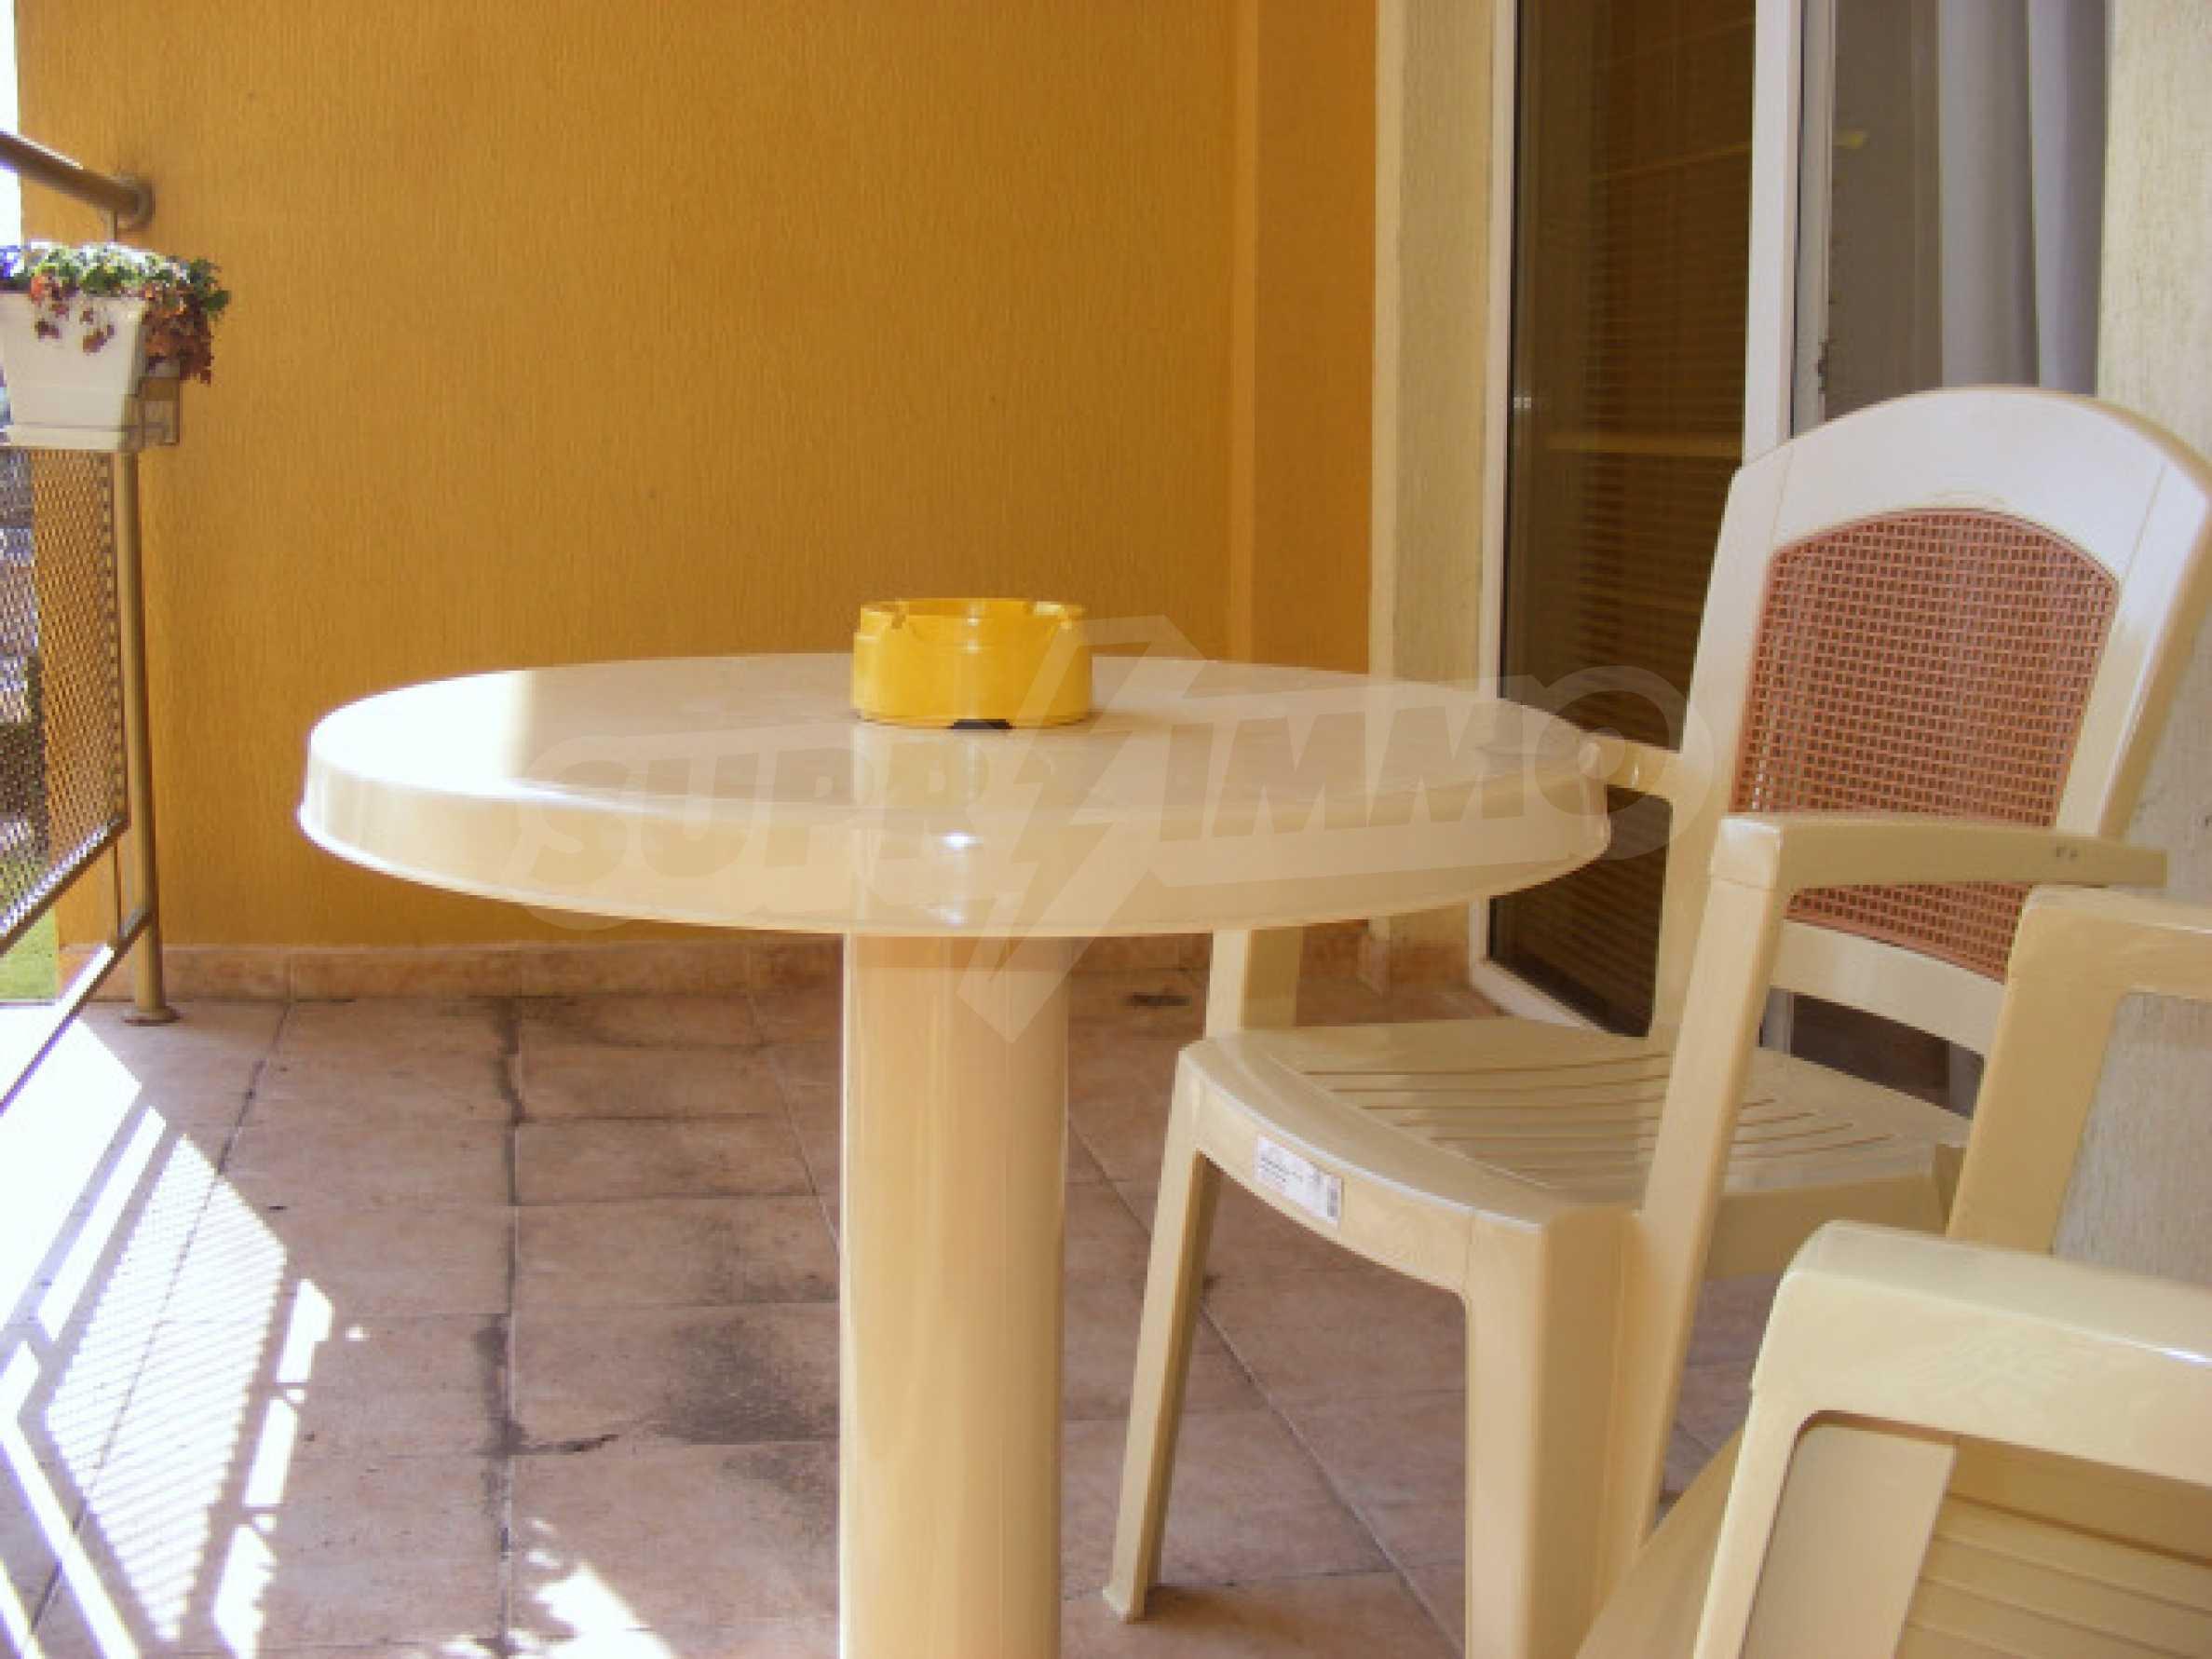 Komplett möbliertes Apartment mit 1 Schlafzimmer in Sunny Beach Goldener Sand, mit Meerblick 9